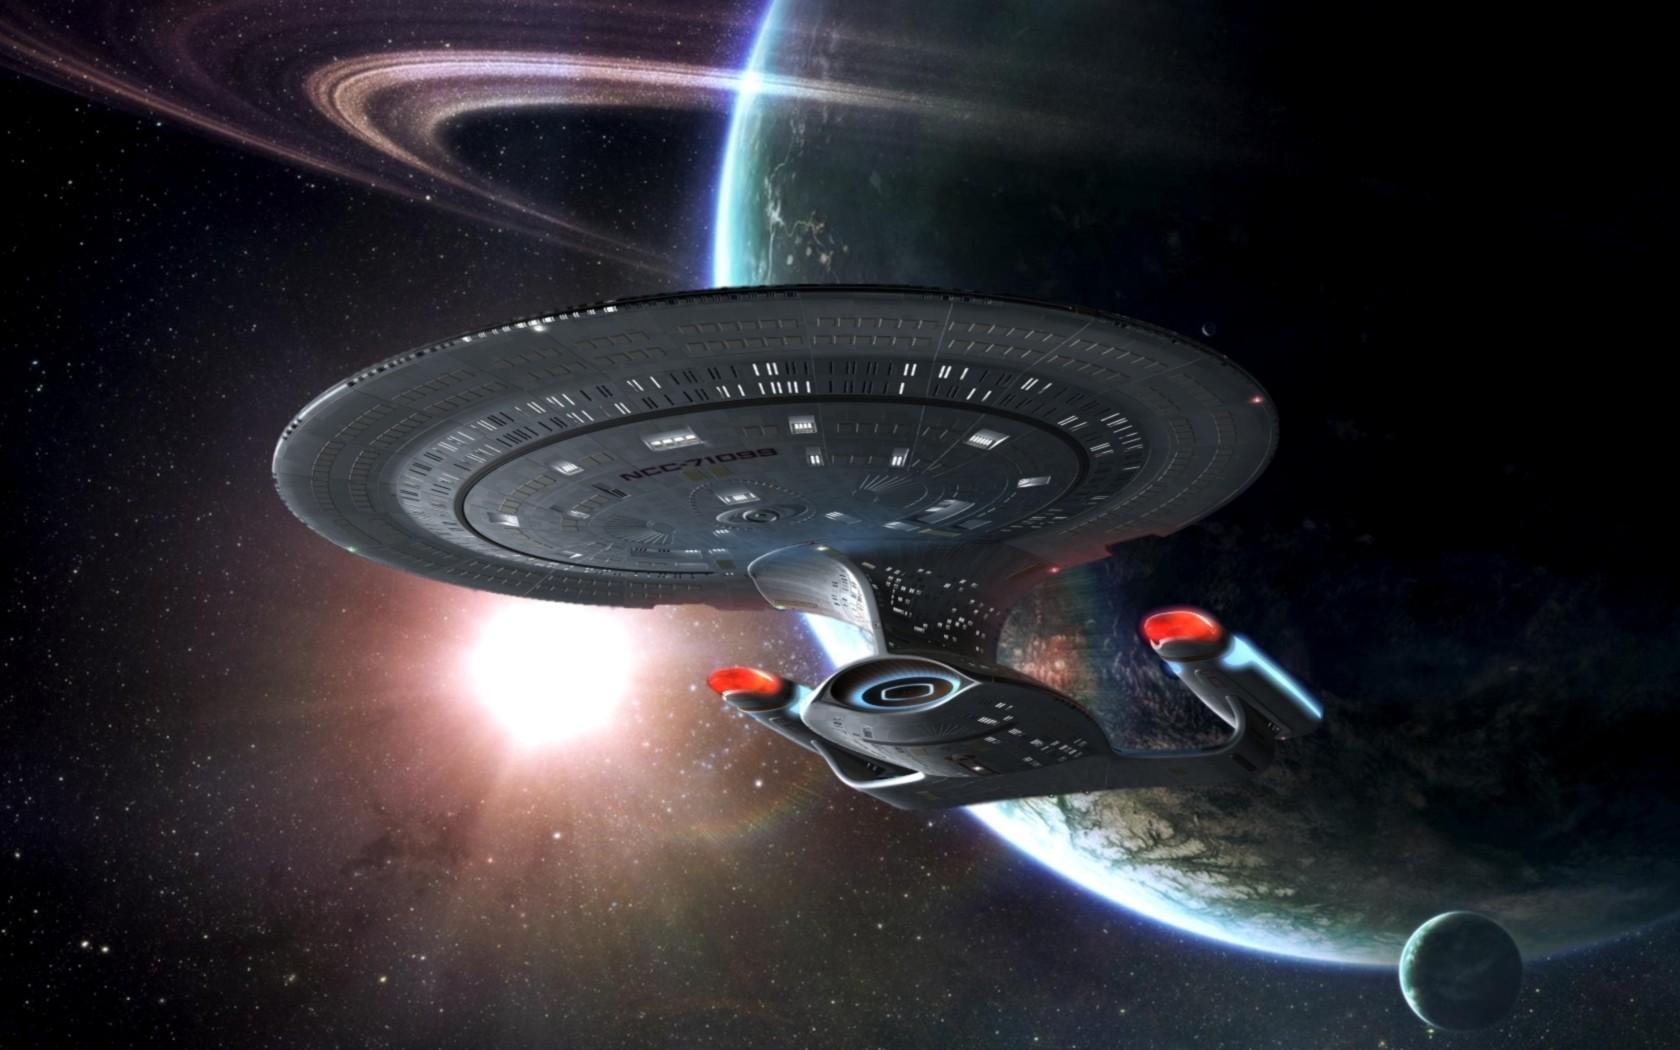 Star Trek HD Wallpaper Widescreen